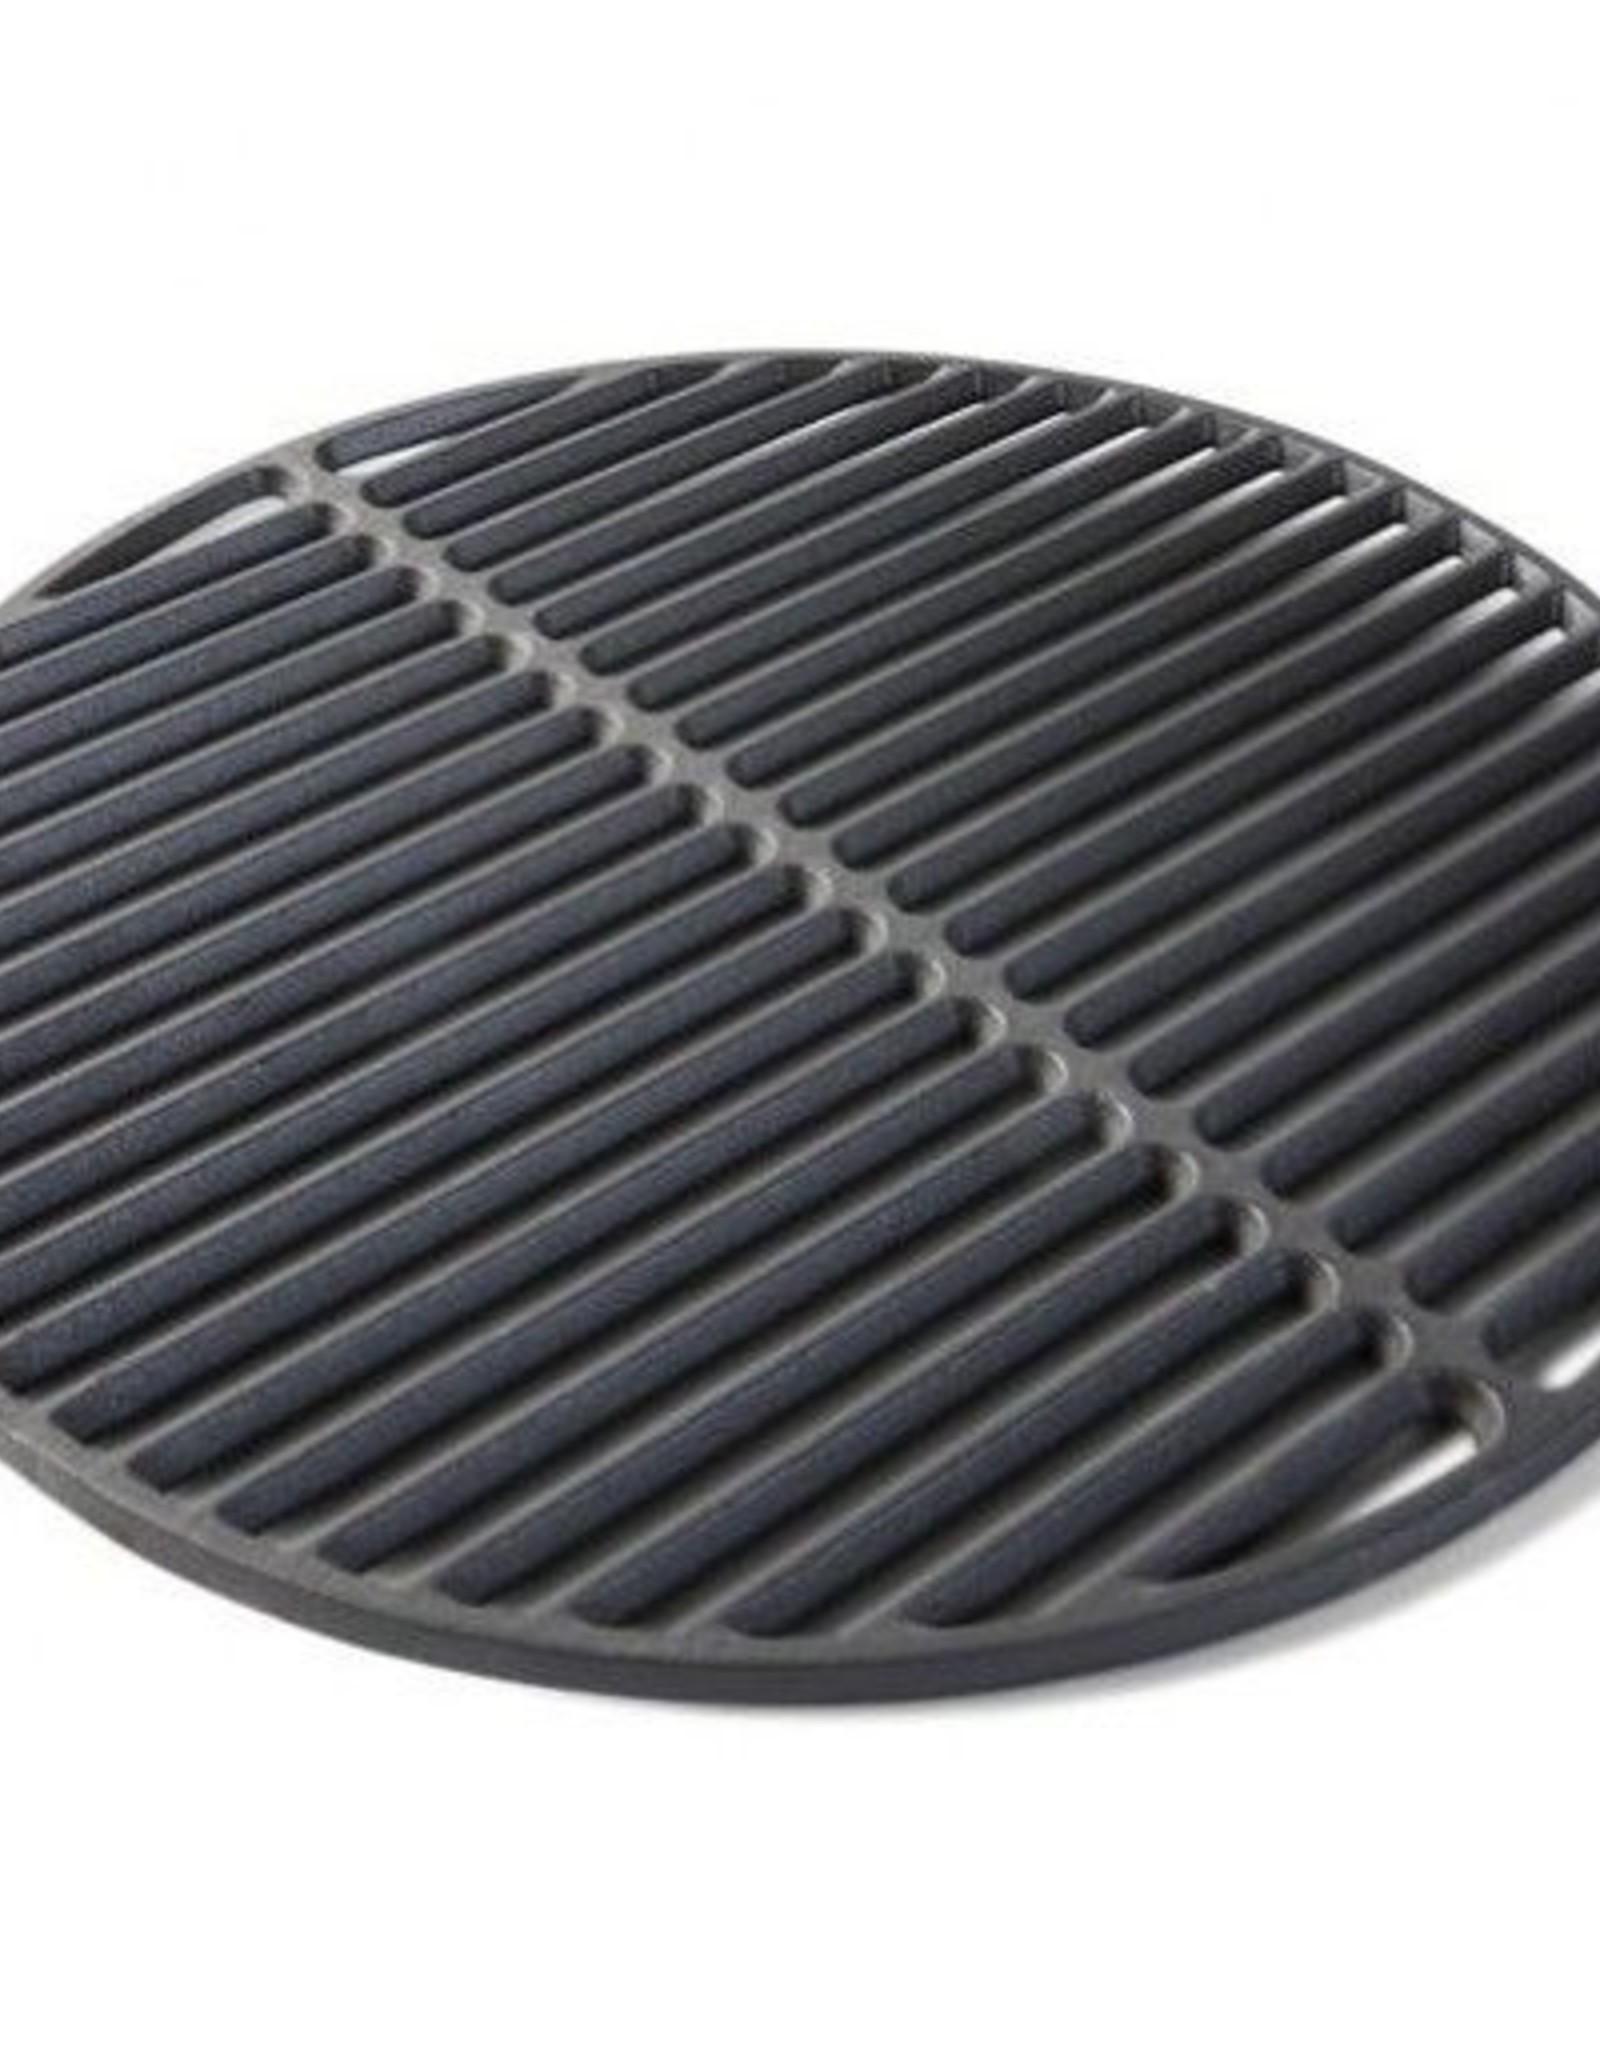 Keij Kamado® Gietijzeren Grillrooster Large - 46,5 cm